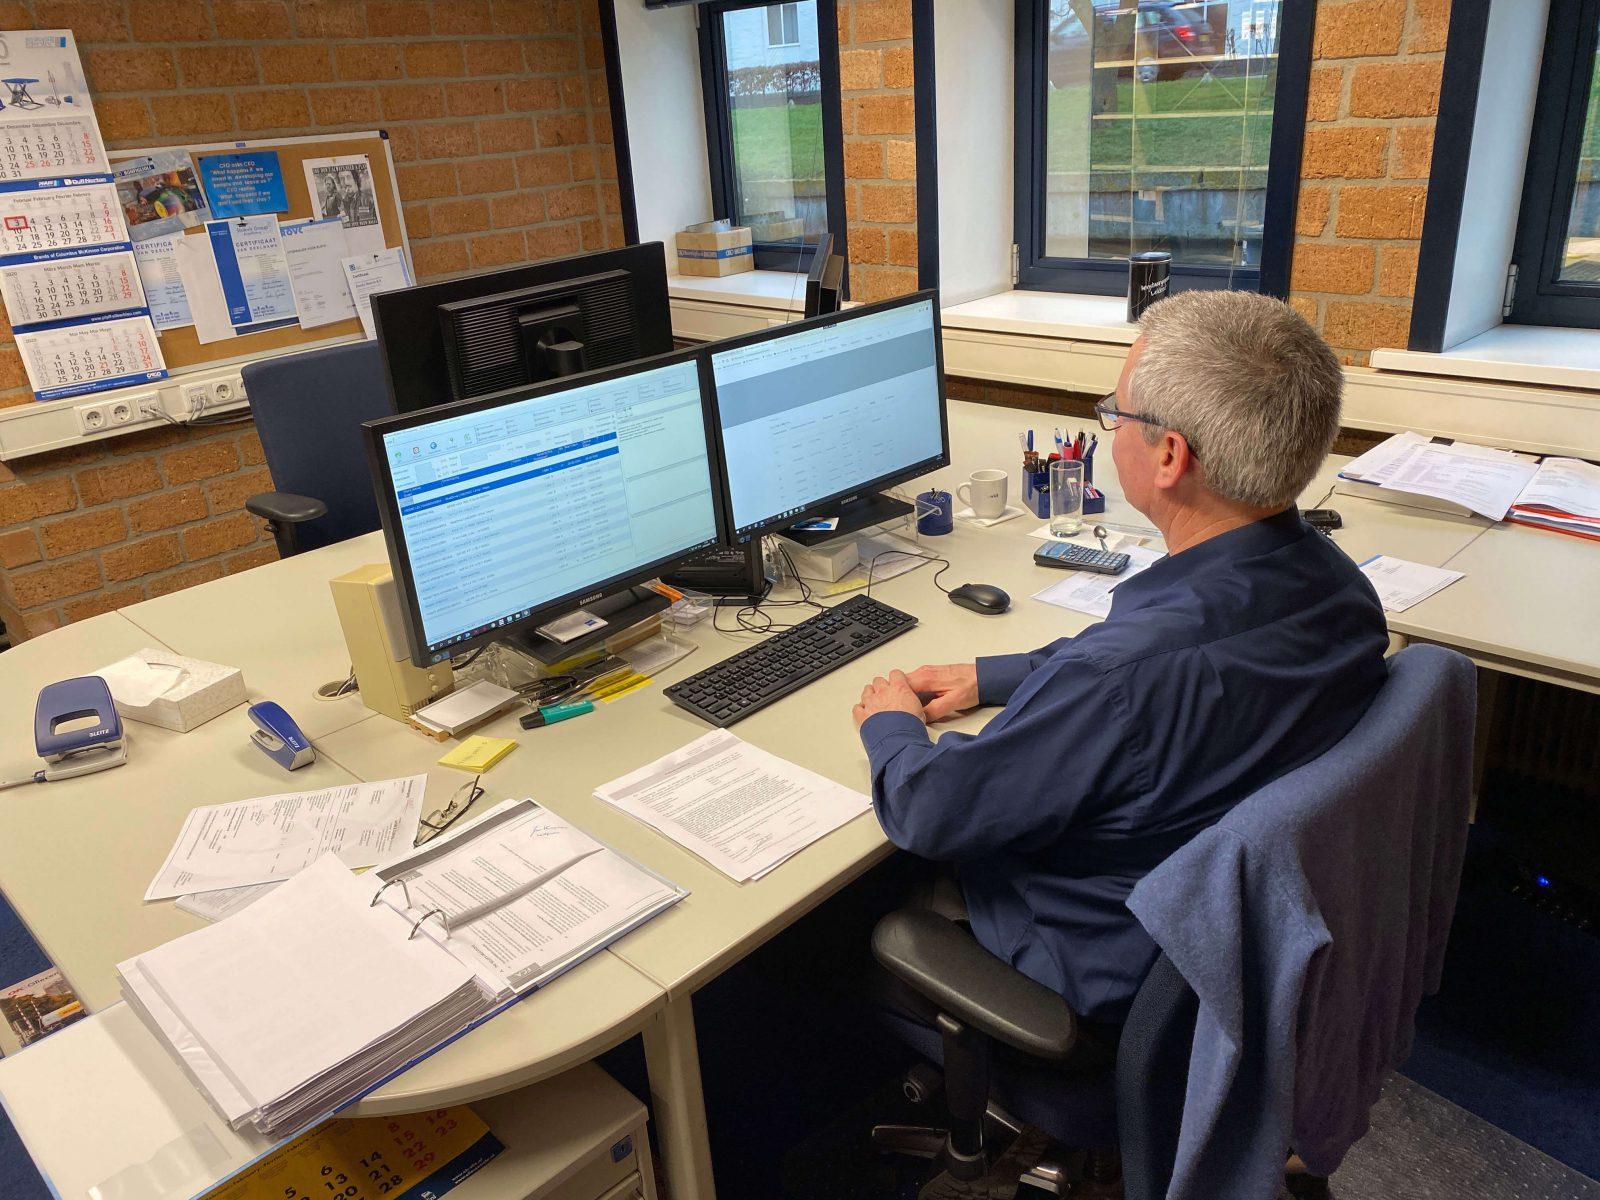 Technisch Commercieel Medewerker aan het werk op kantoor